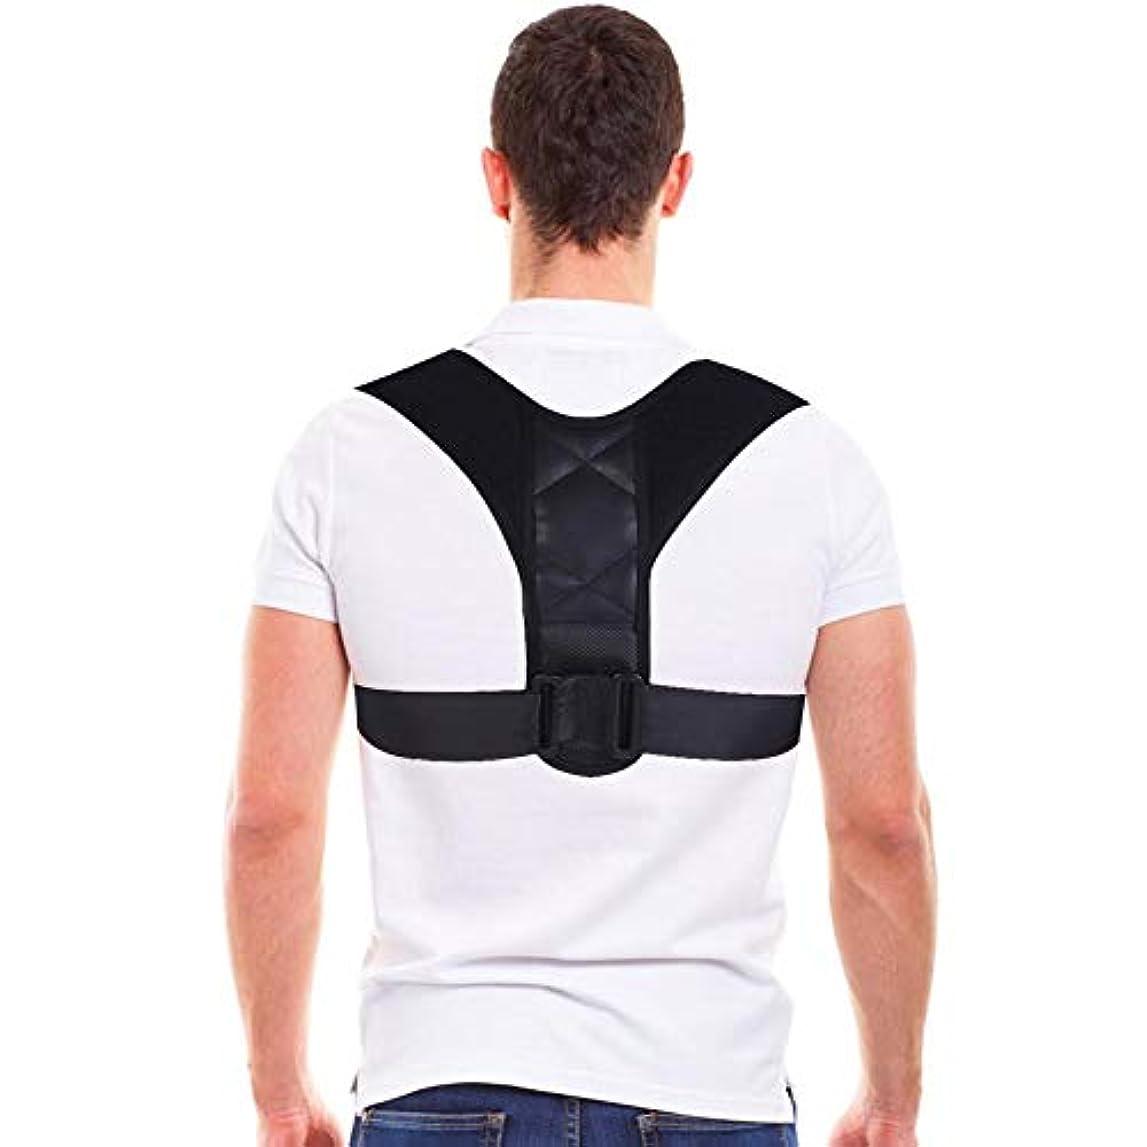 追放する世界宇宙飛行士コレクター姿勢バックサポートベルト、8字型デザインの調節可能な鎖骨装具バンド、男性と女性の姿勢、腰痛予防、腰痛予防